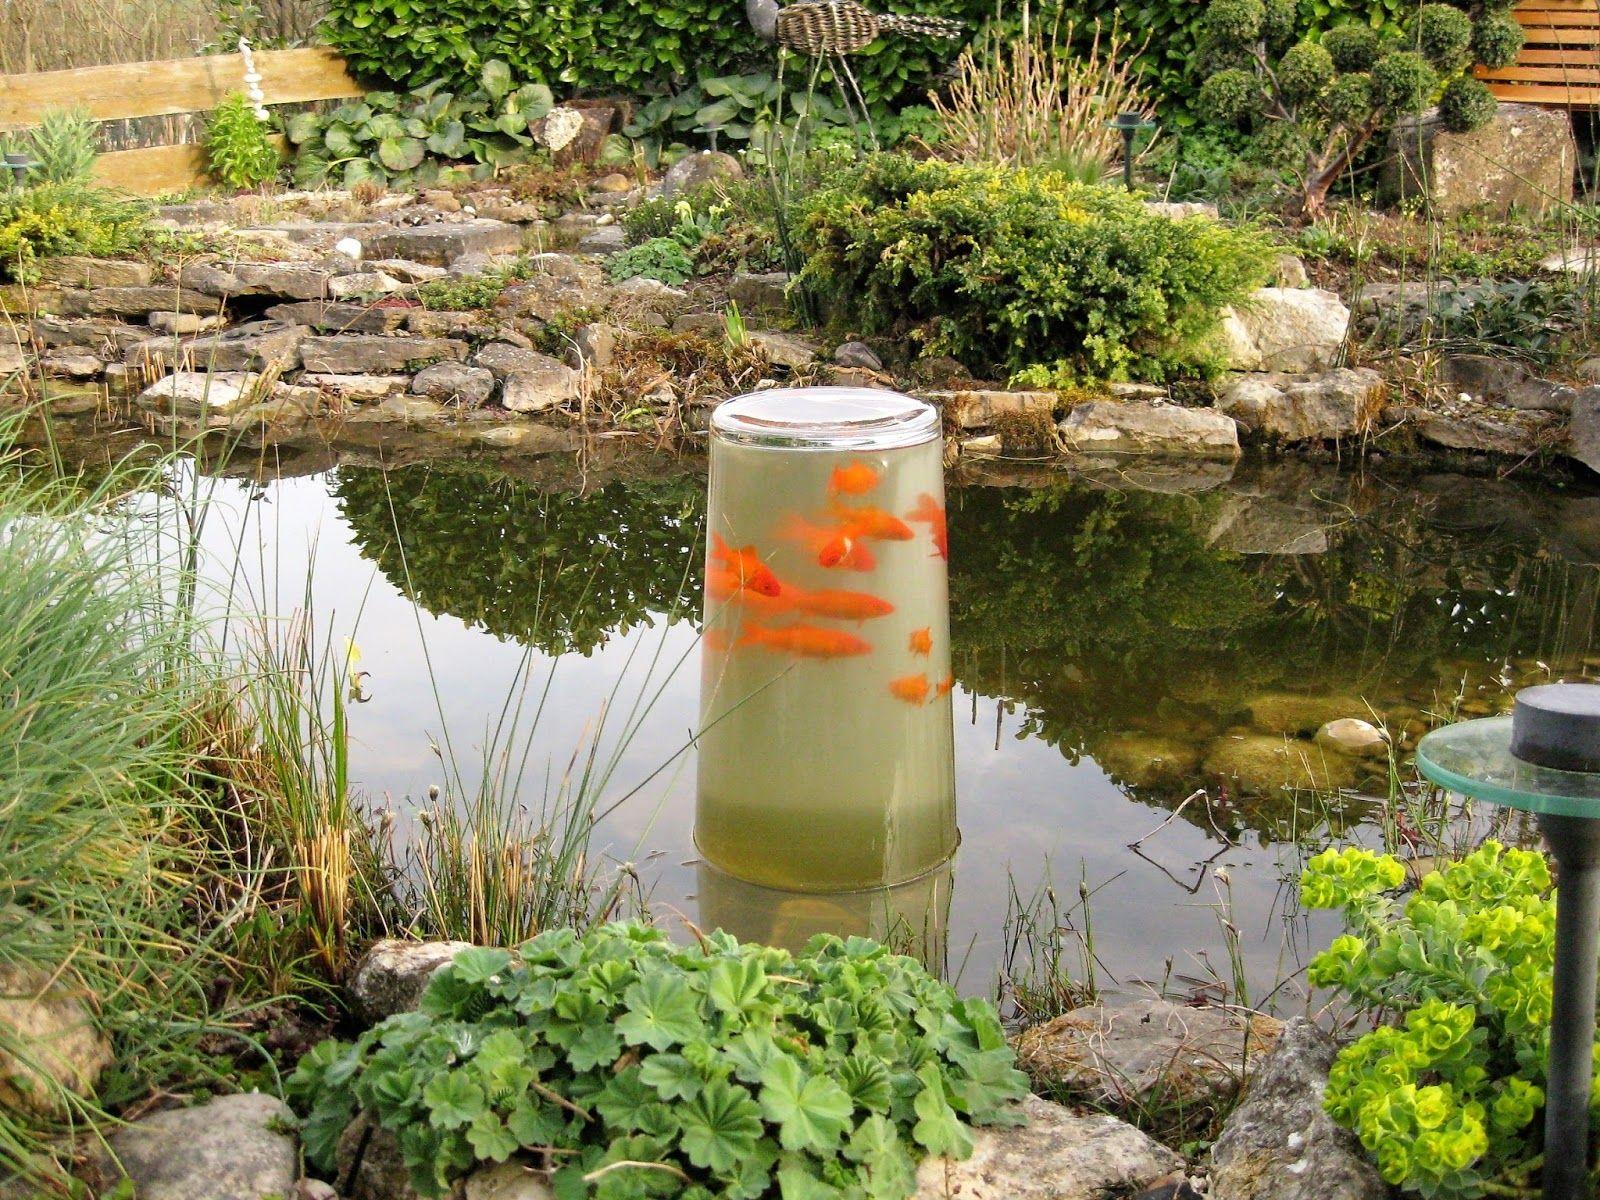 Goldfisch Aussichtsturm Diy Projekte Im Garten Garden Garten